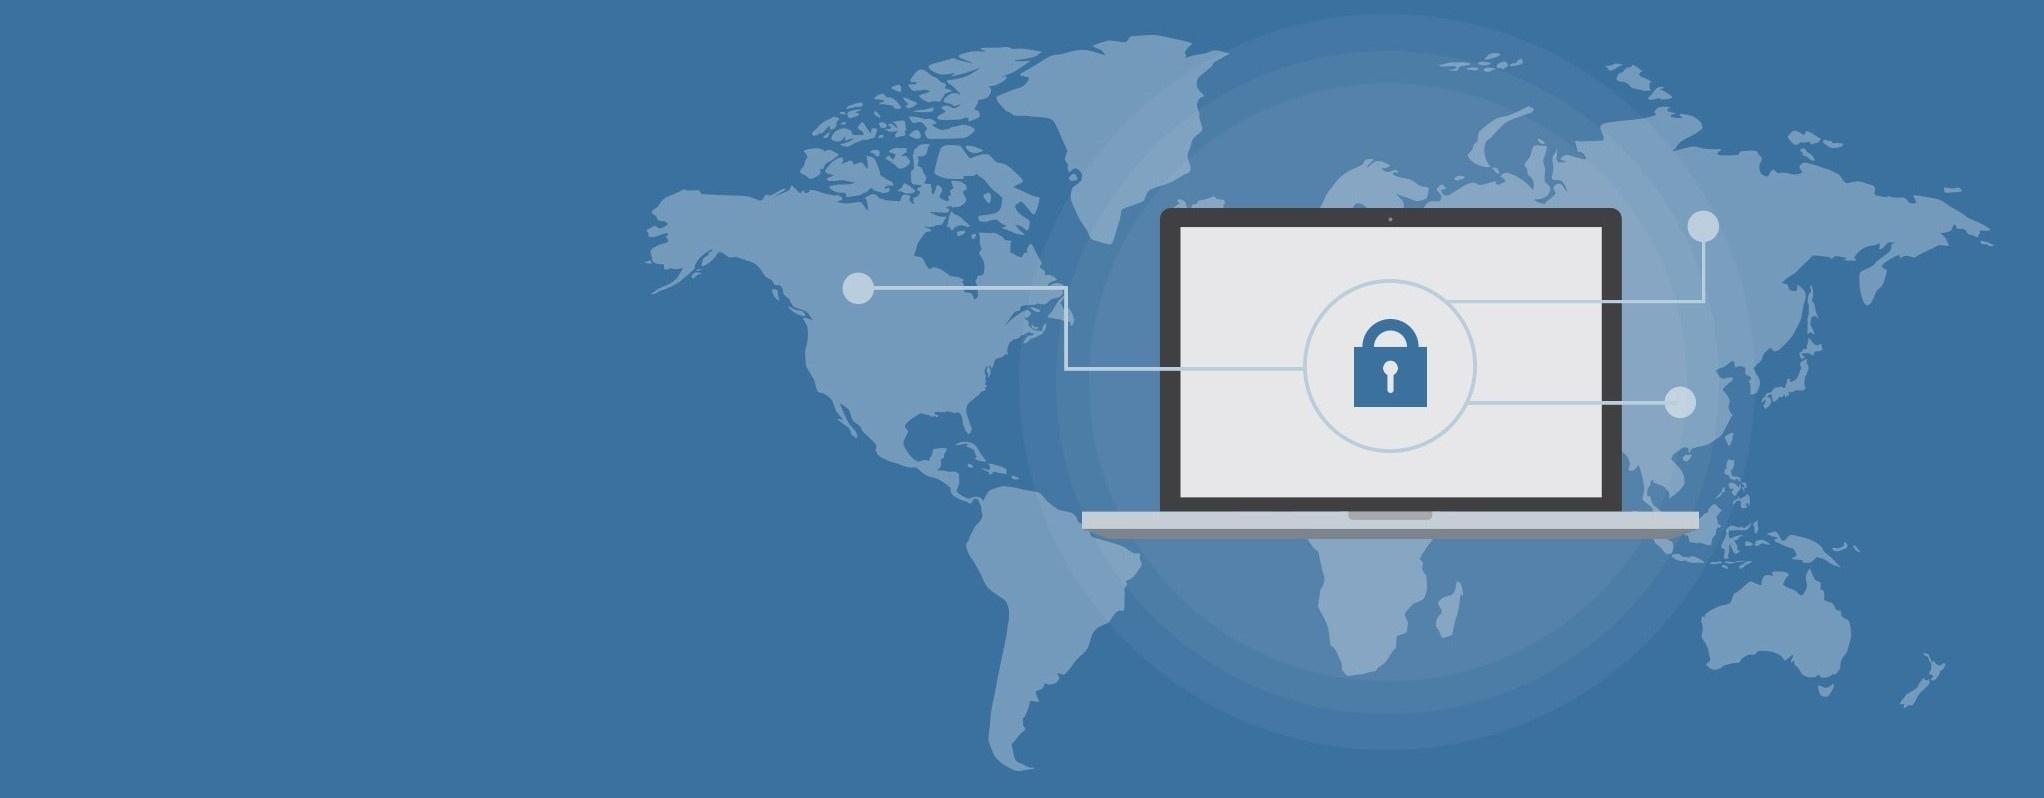 Cloud ibrido e sicurezza dei dati